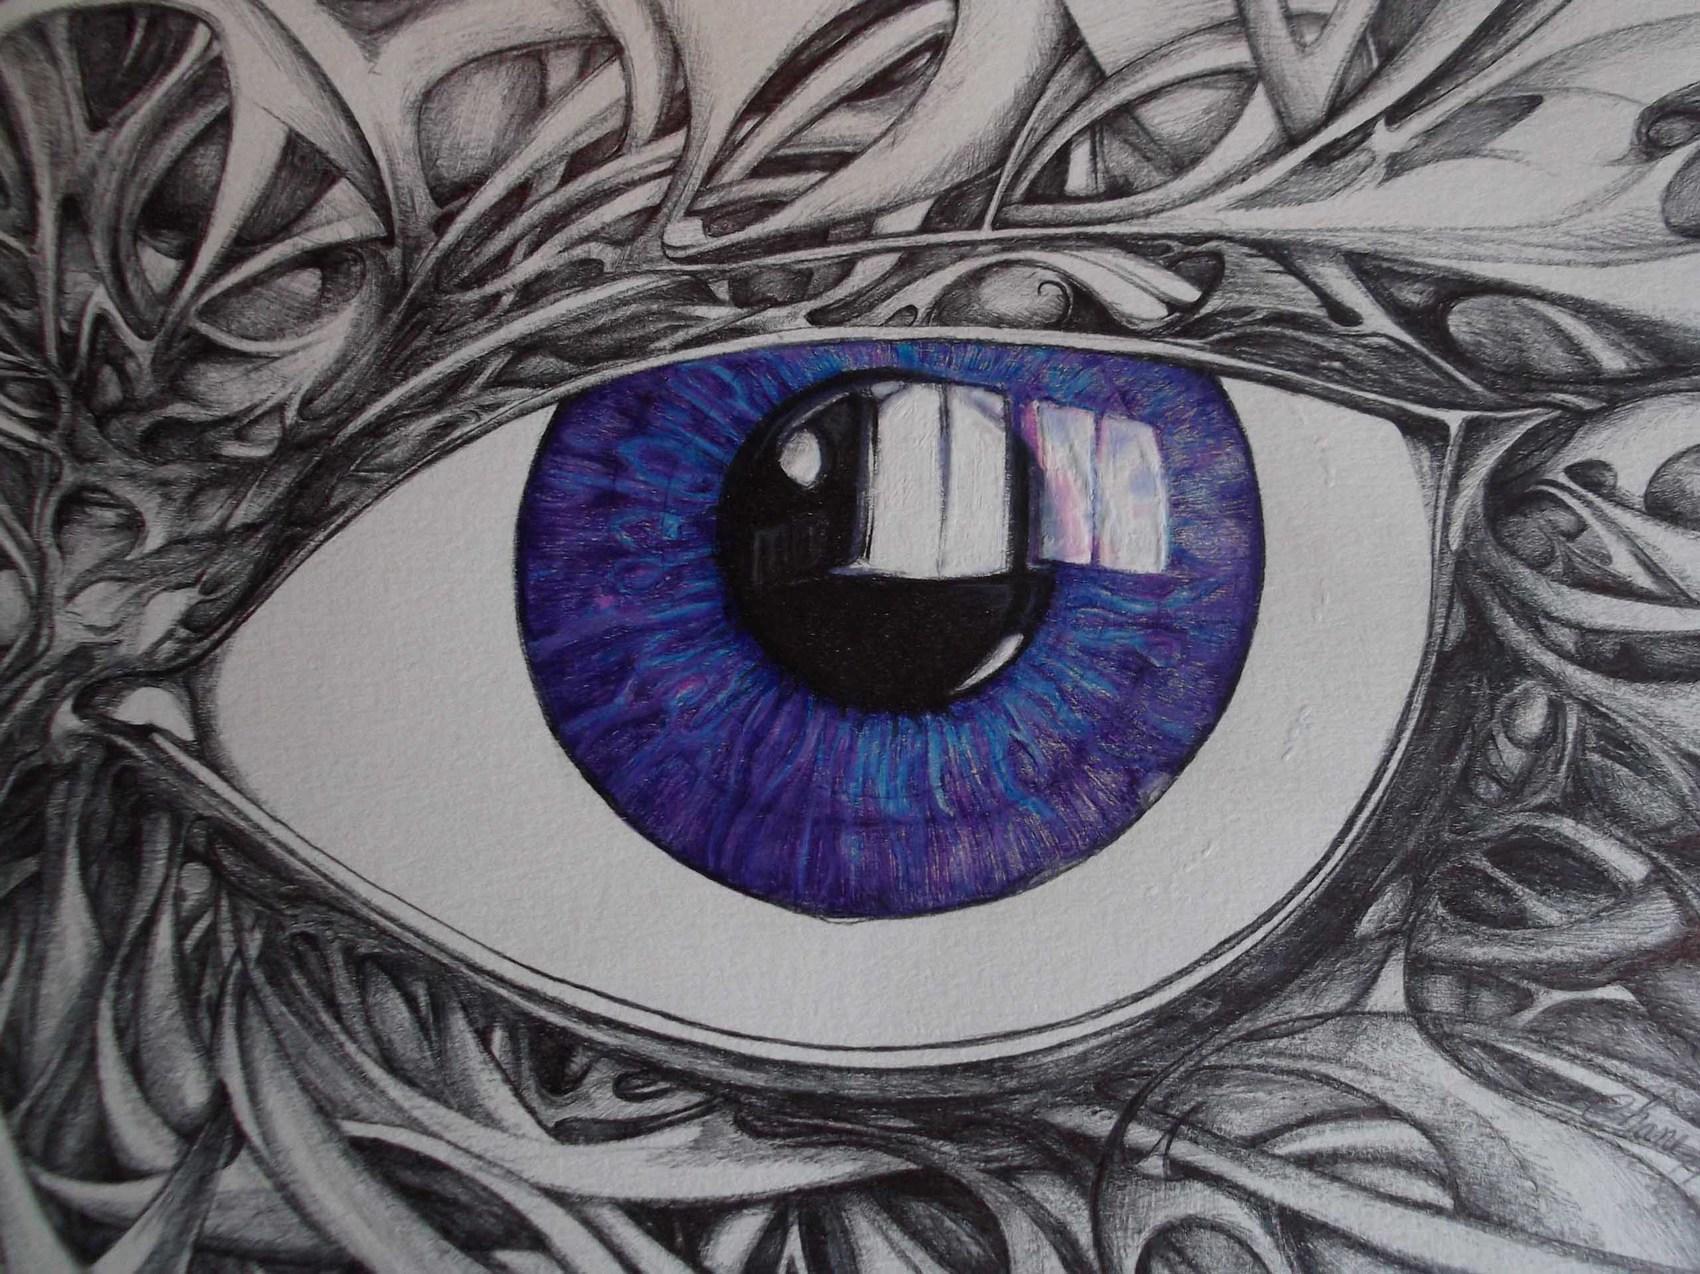 Dessin dans tes yeux for Dans tes yeux